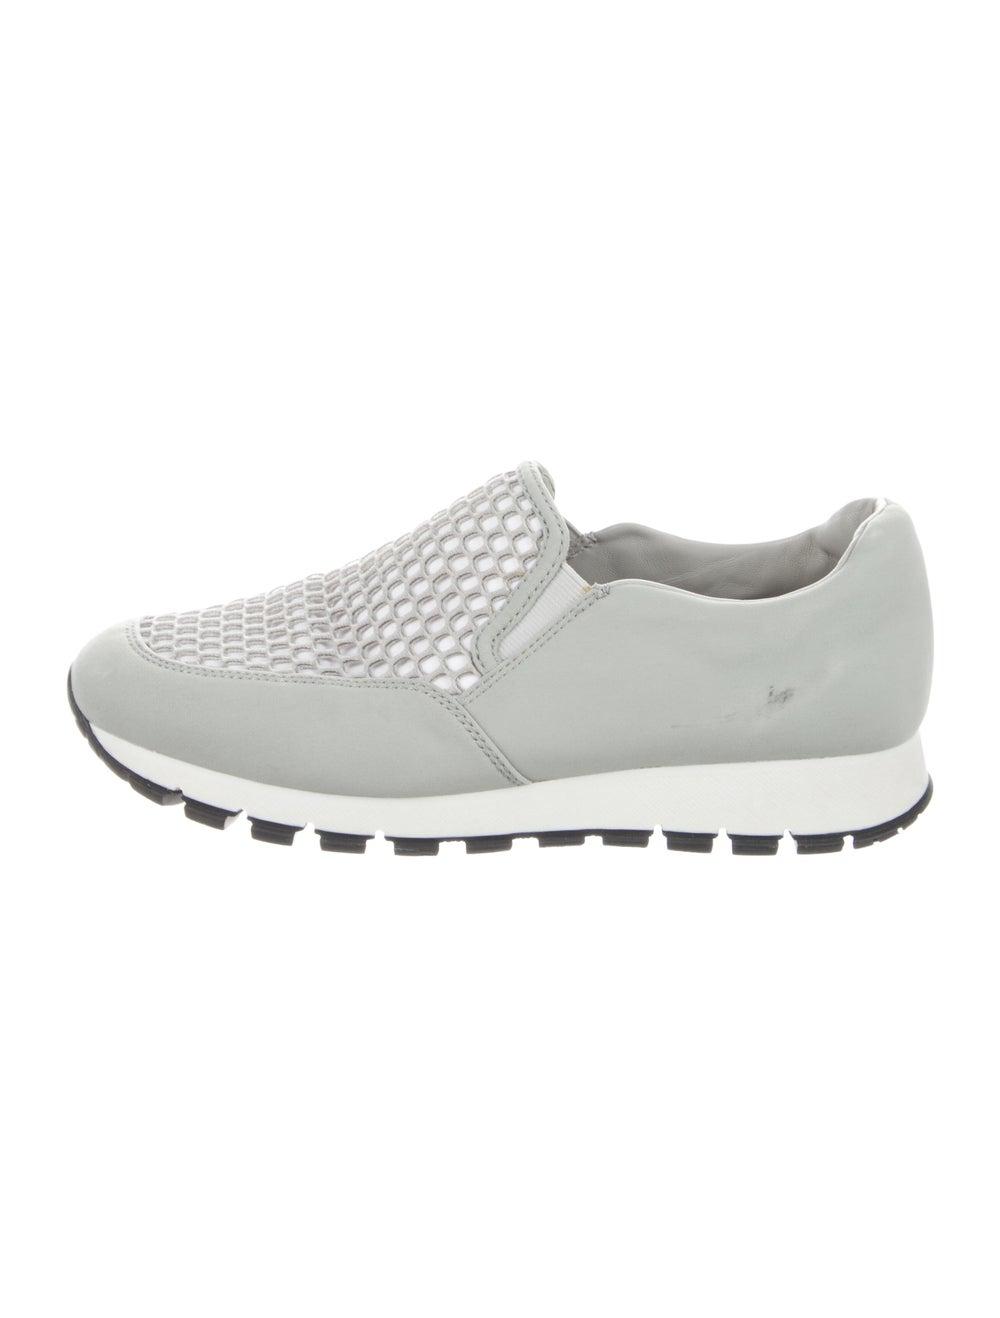 Prada Sneakers Grey - image 1